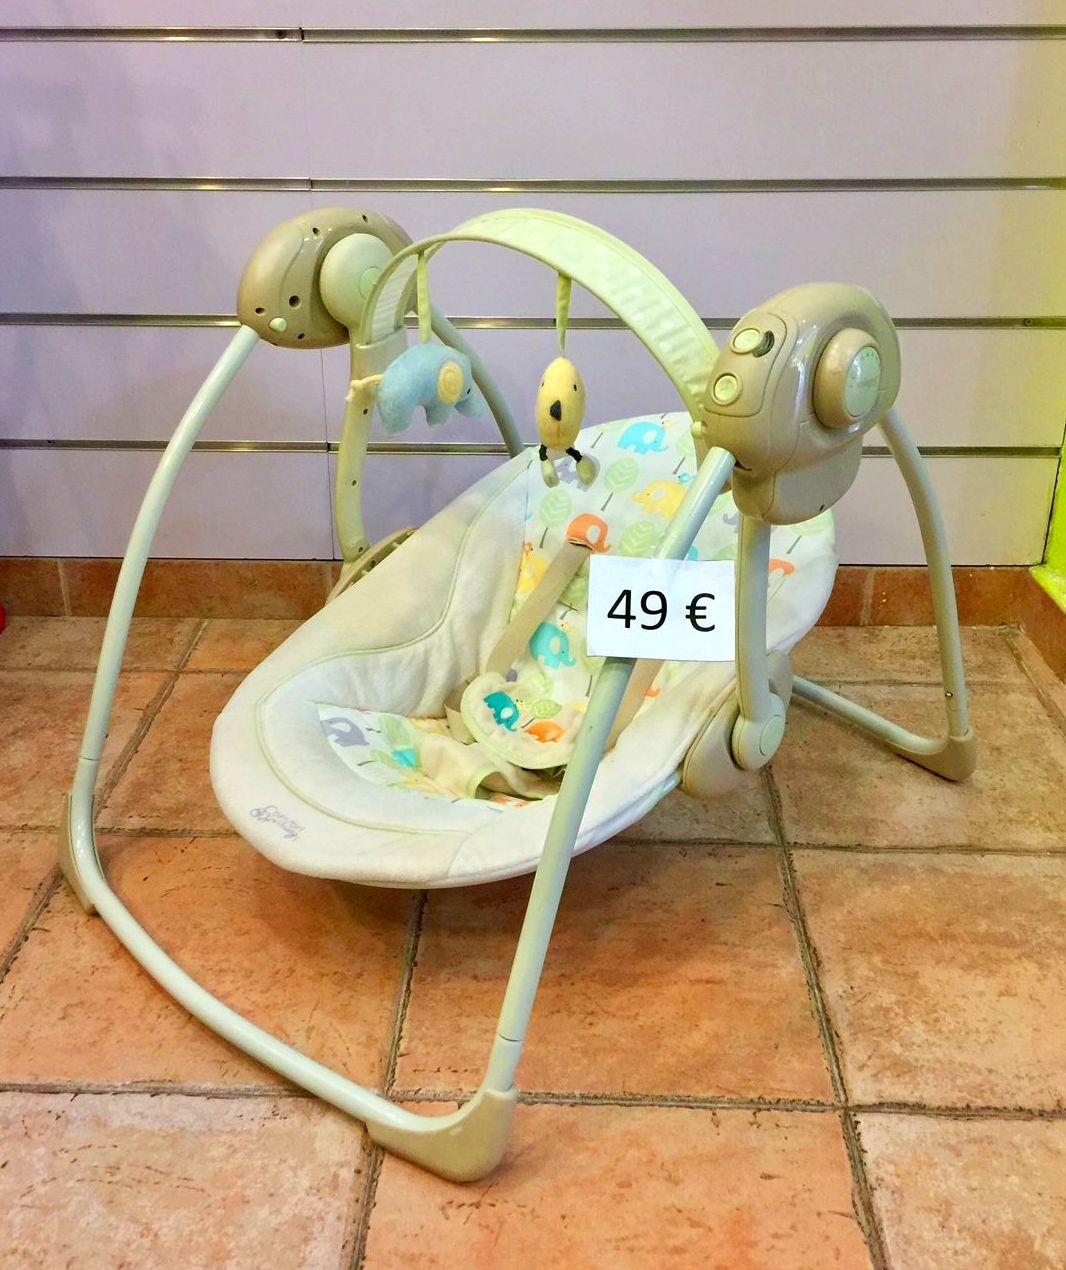 Columpio Baby Harmony IPMECABLE: Catálogo de Reciclababy